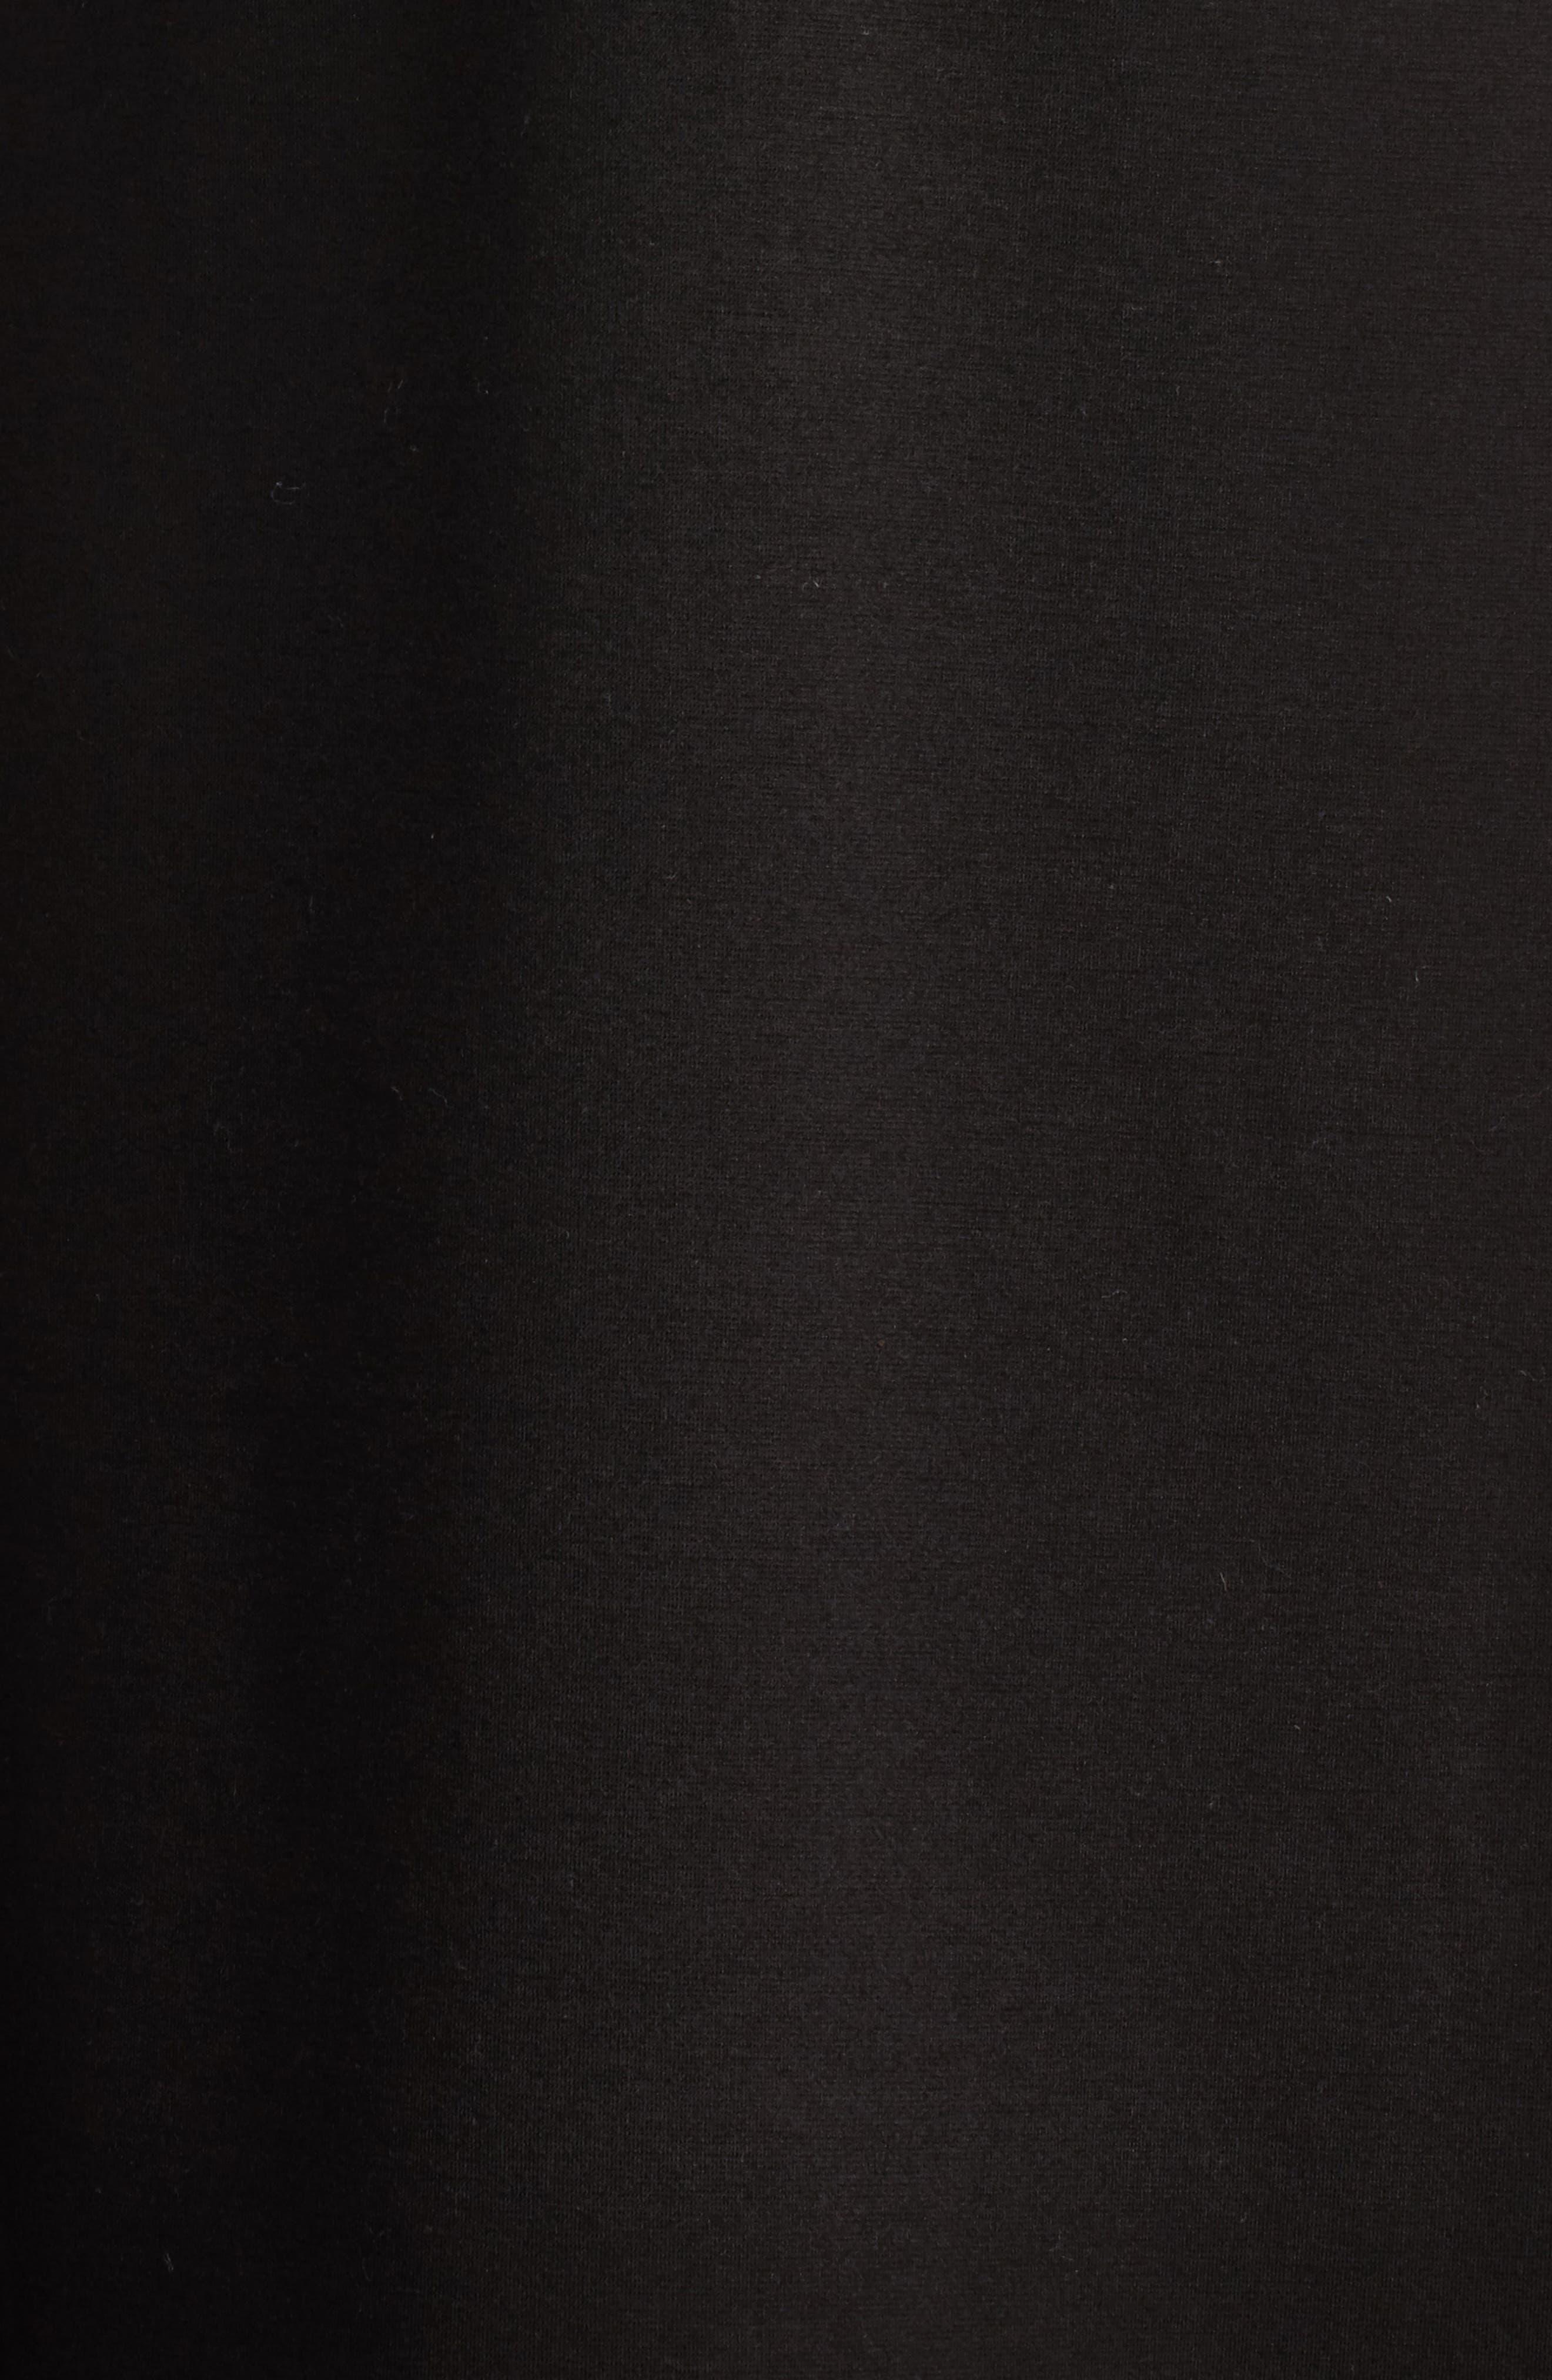 Empire Sheath Dress,                             Alternate thumbnail 3, color,                             Black